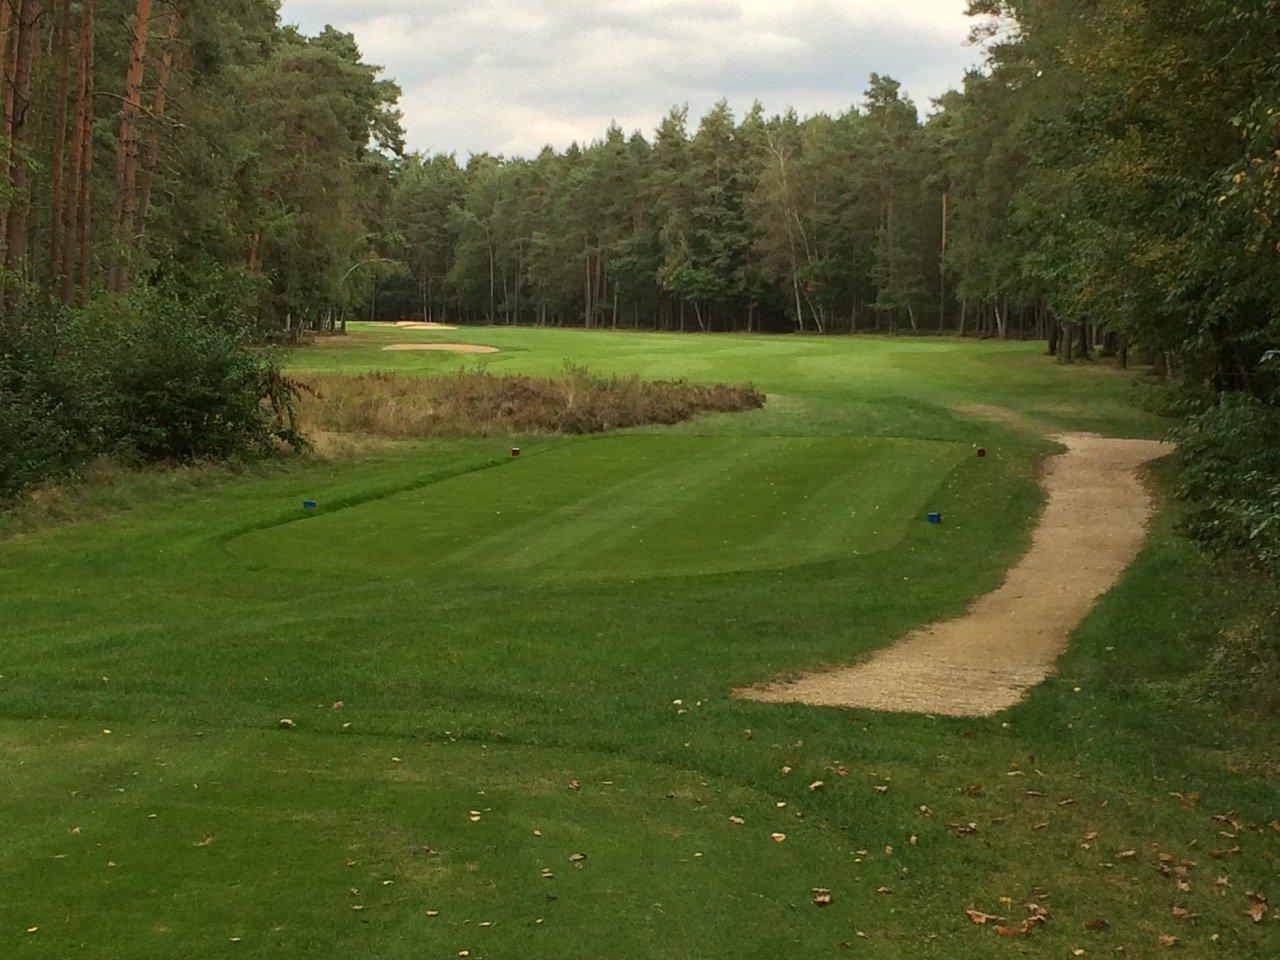 golfclub reichswald - Die 10 besten Golfplätze Deutschlands